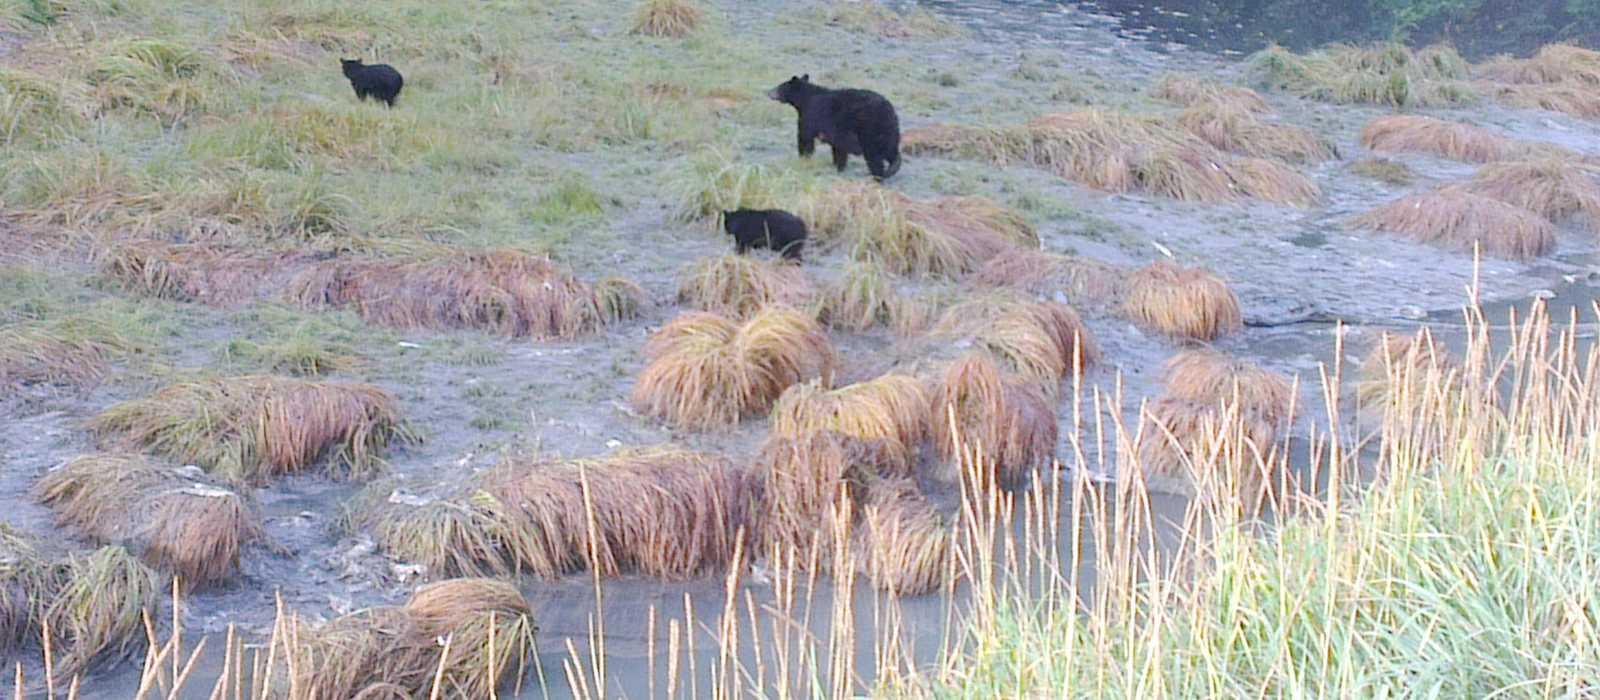 Schwarzbären am Wasserlauf